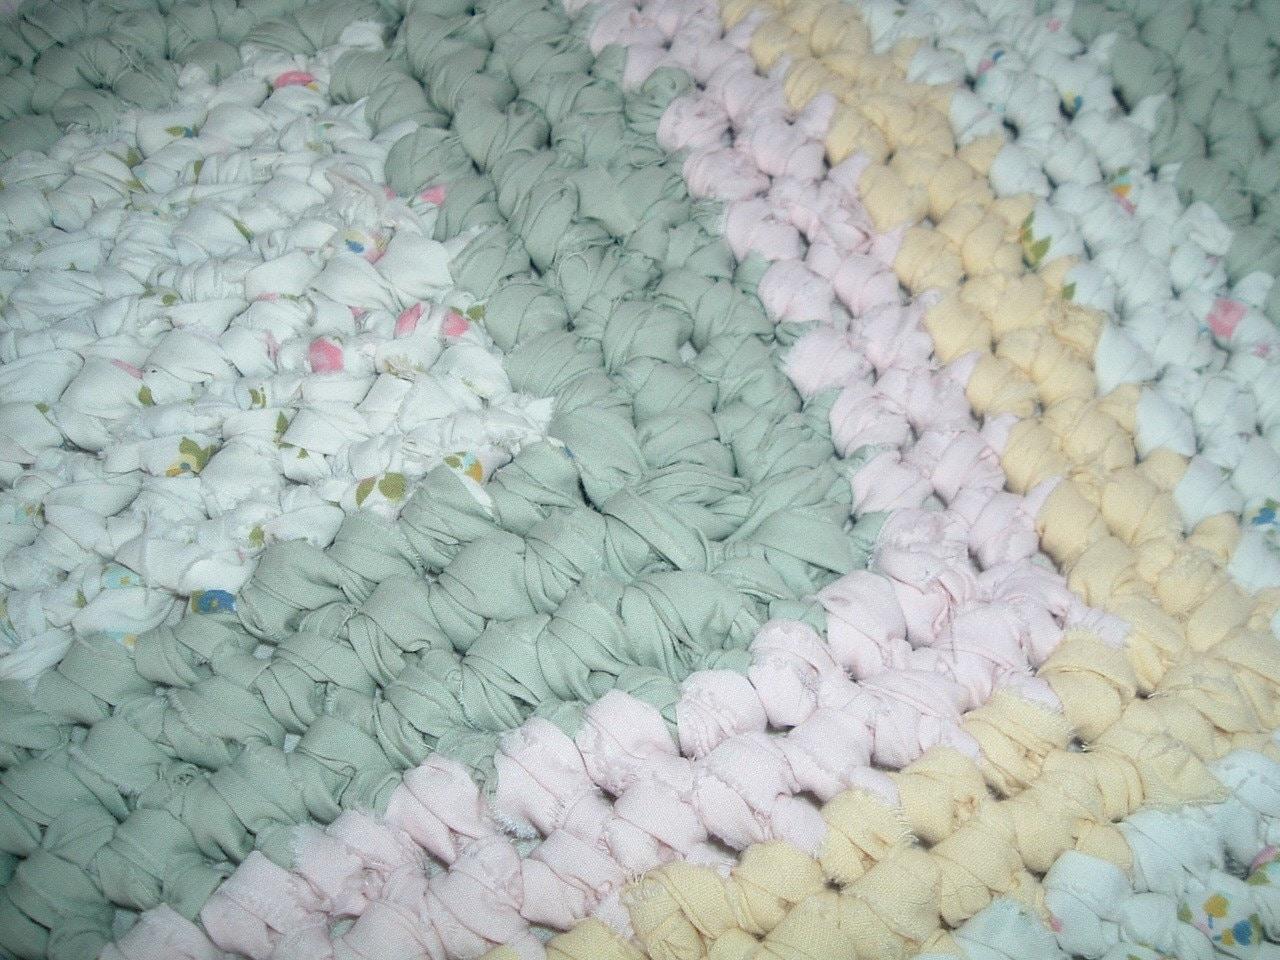 Crocheted Rectangular Shabby Chic Rag Rug Pinks Greens